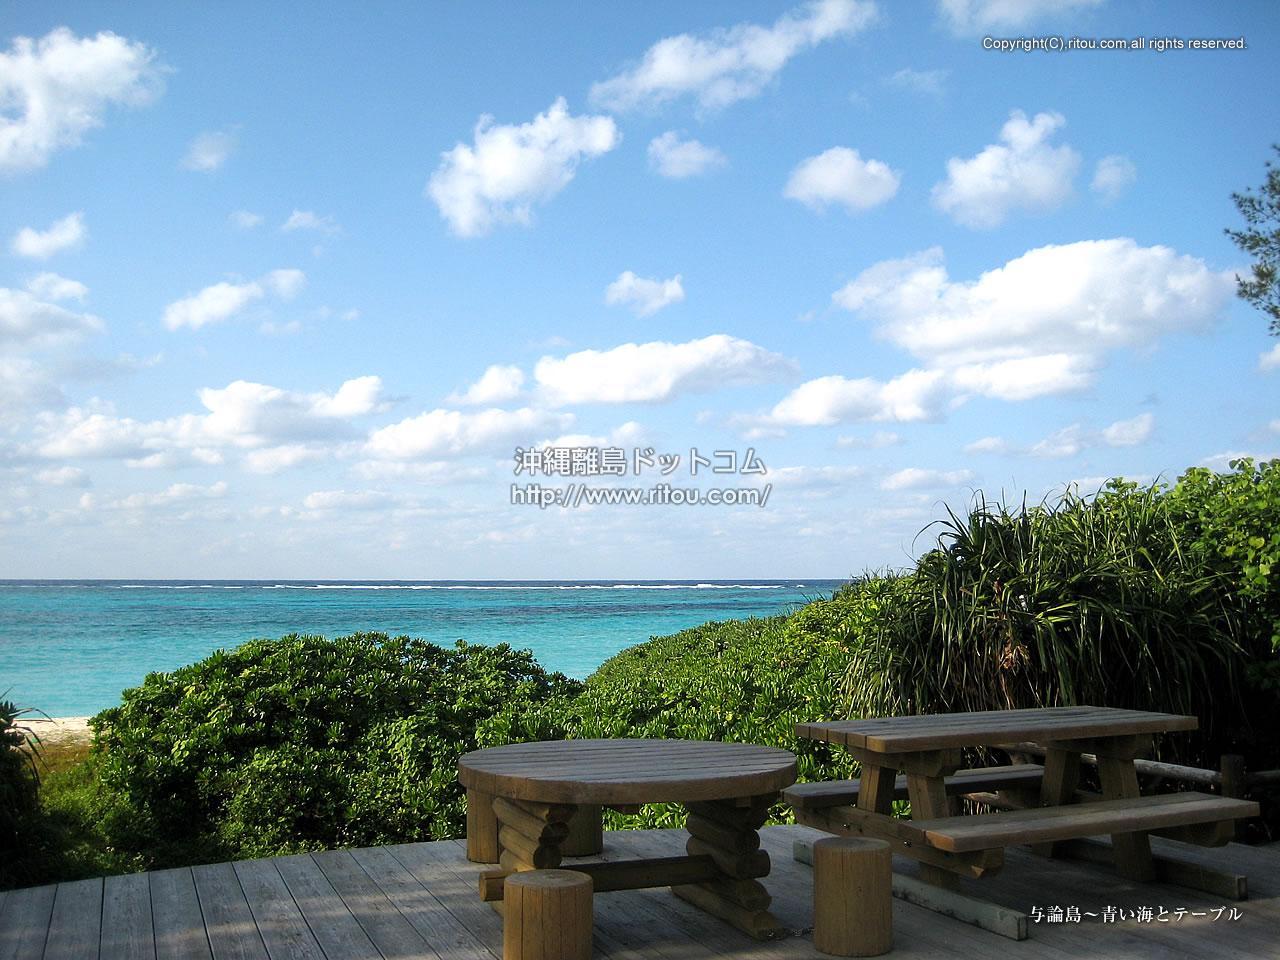 与論島〜青い海とテーブル